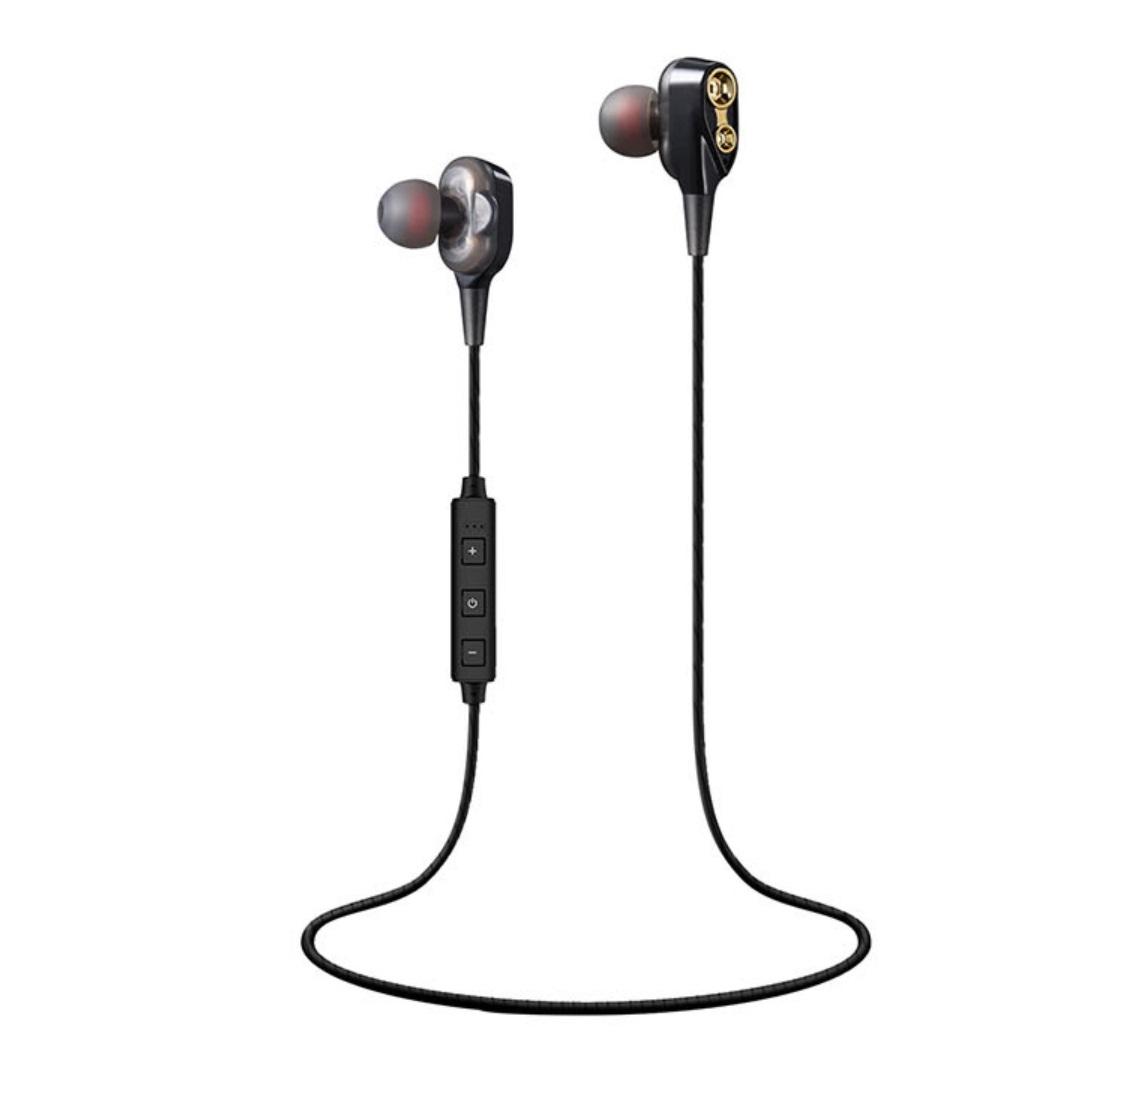 4 Speaker Wireless Bluetooth Earphone inear Sport HIFI Stereo Bass Earphones Music Headset Neckband Earbud black